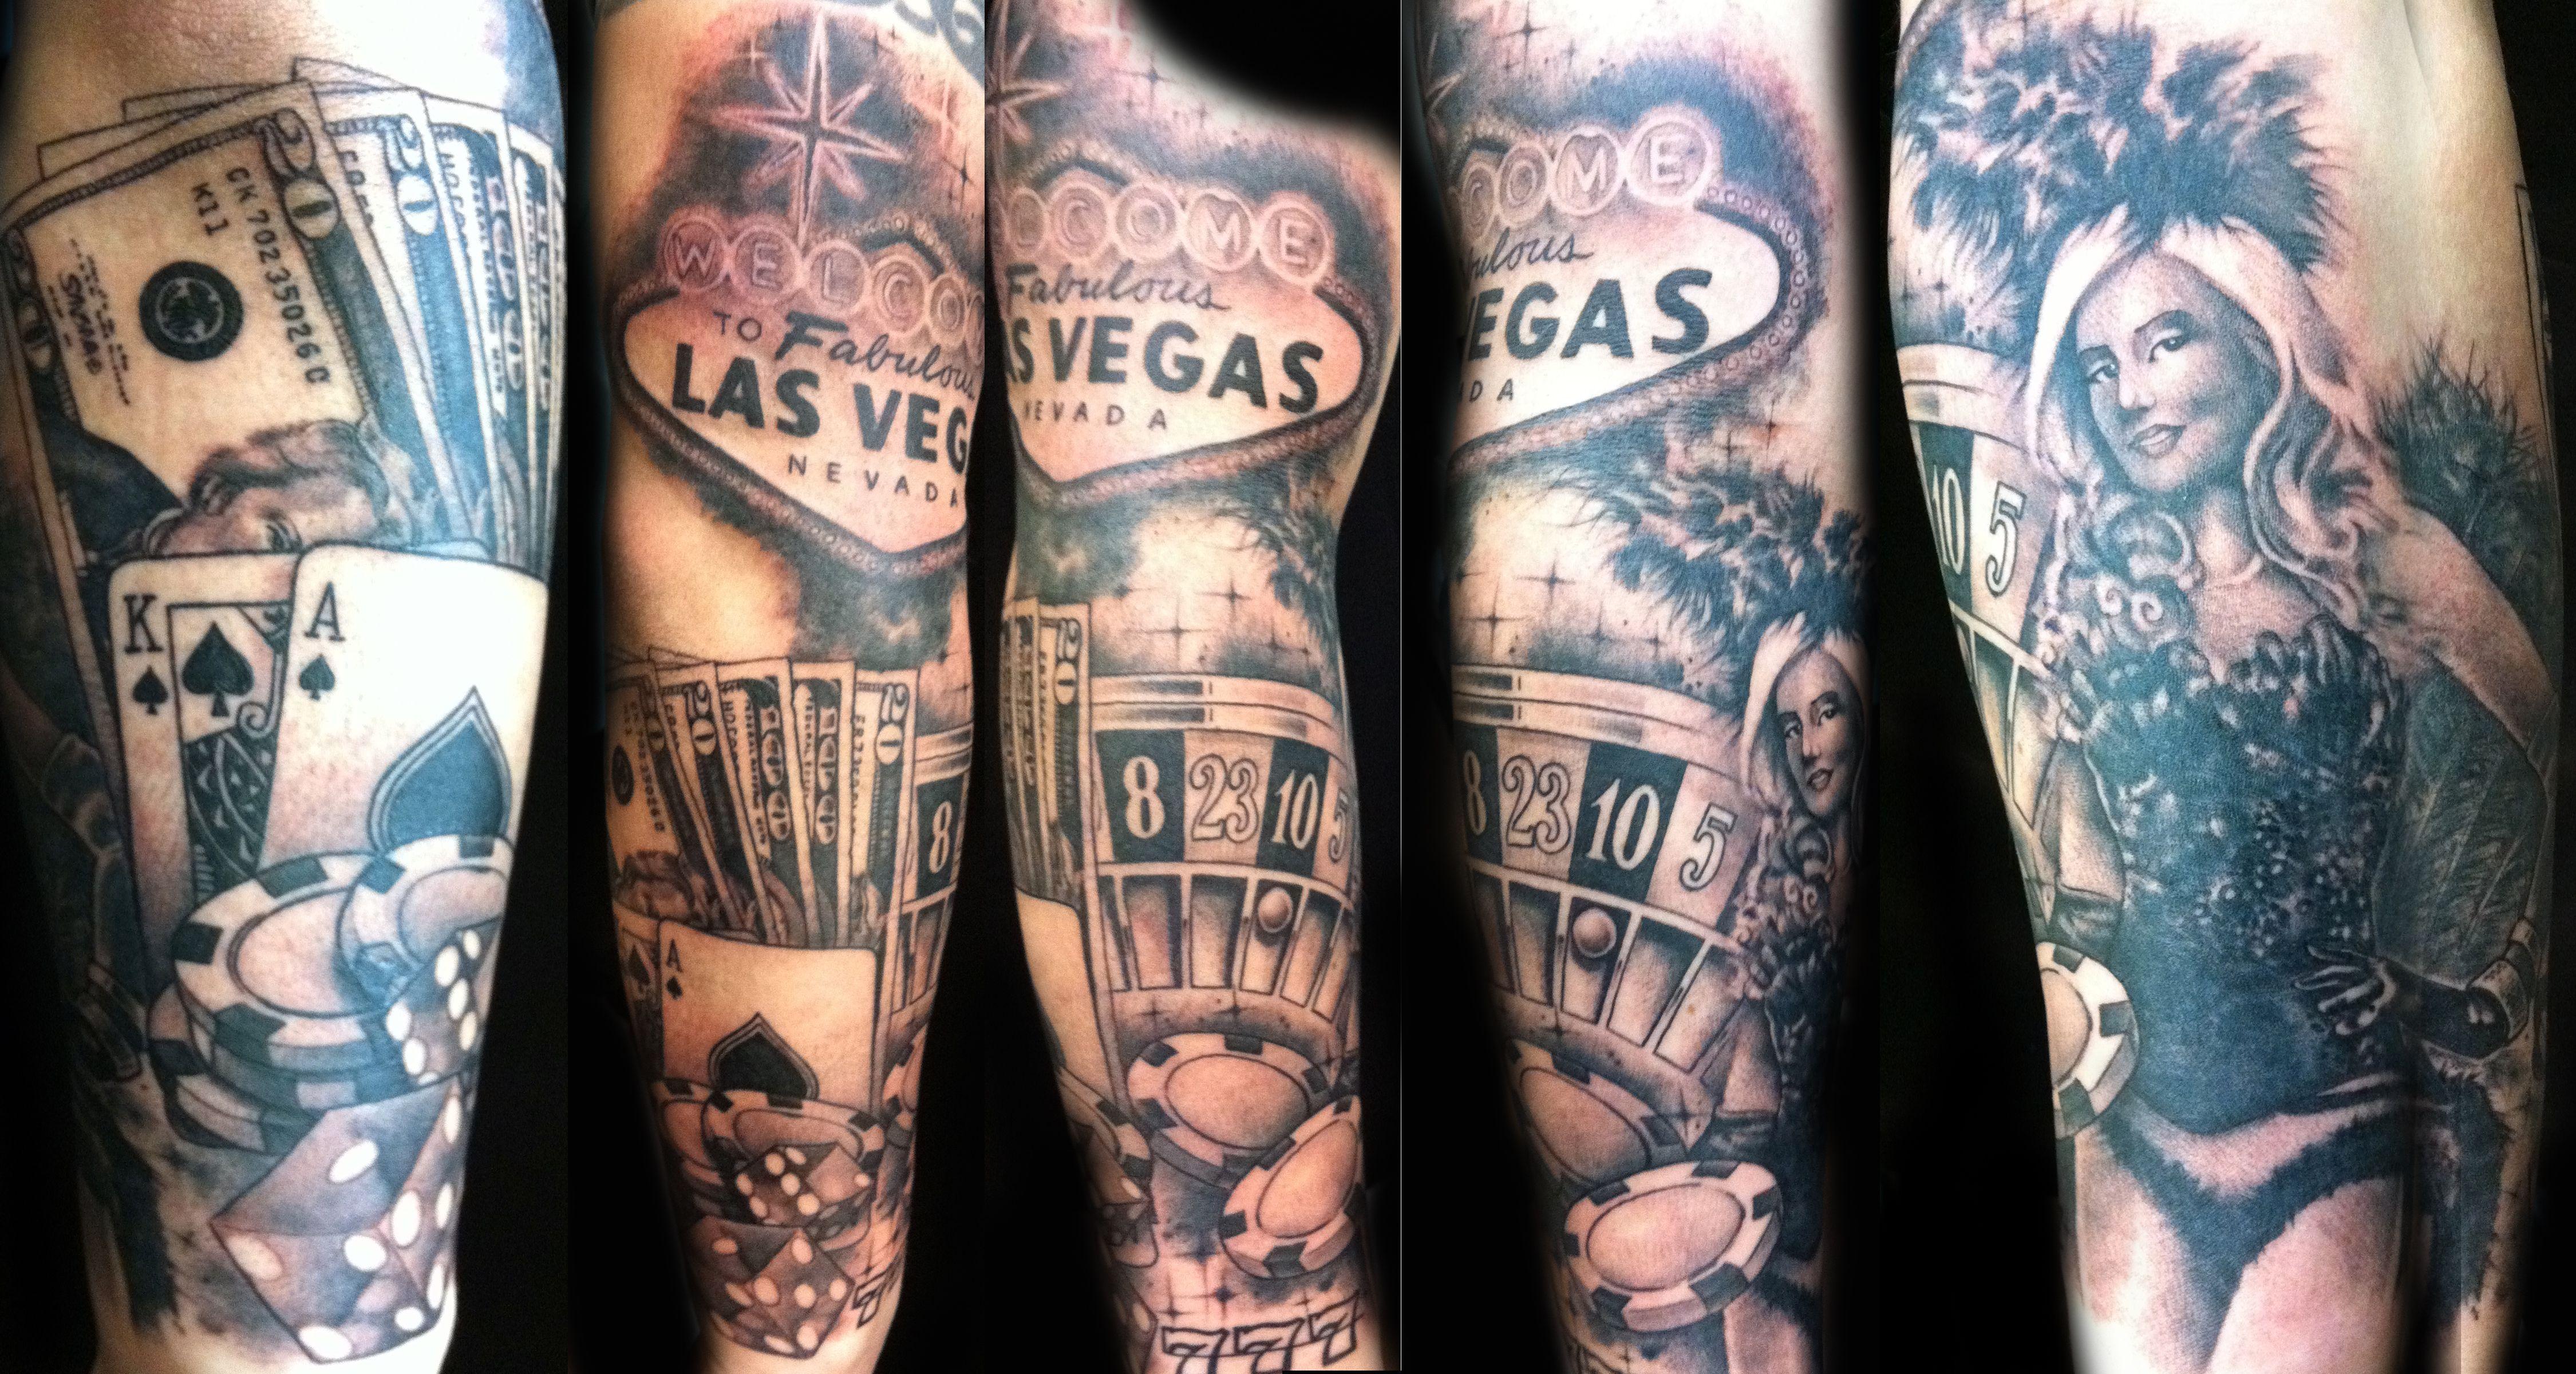 Walter Sausage Frank Tattoo Artist Vegas Tattoo Tattoos Casino Tattoo